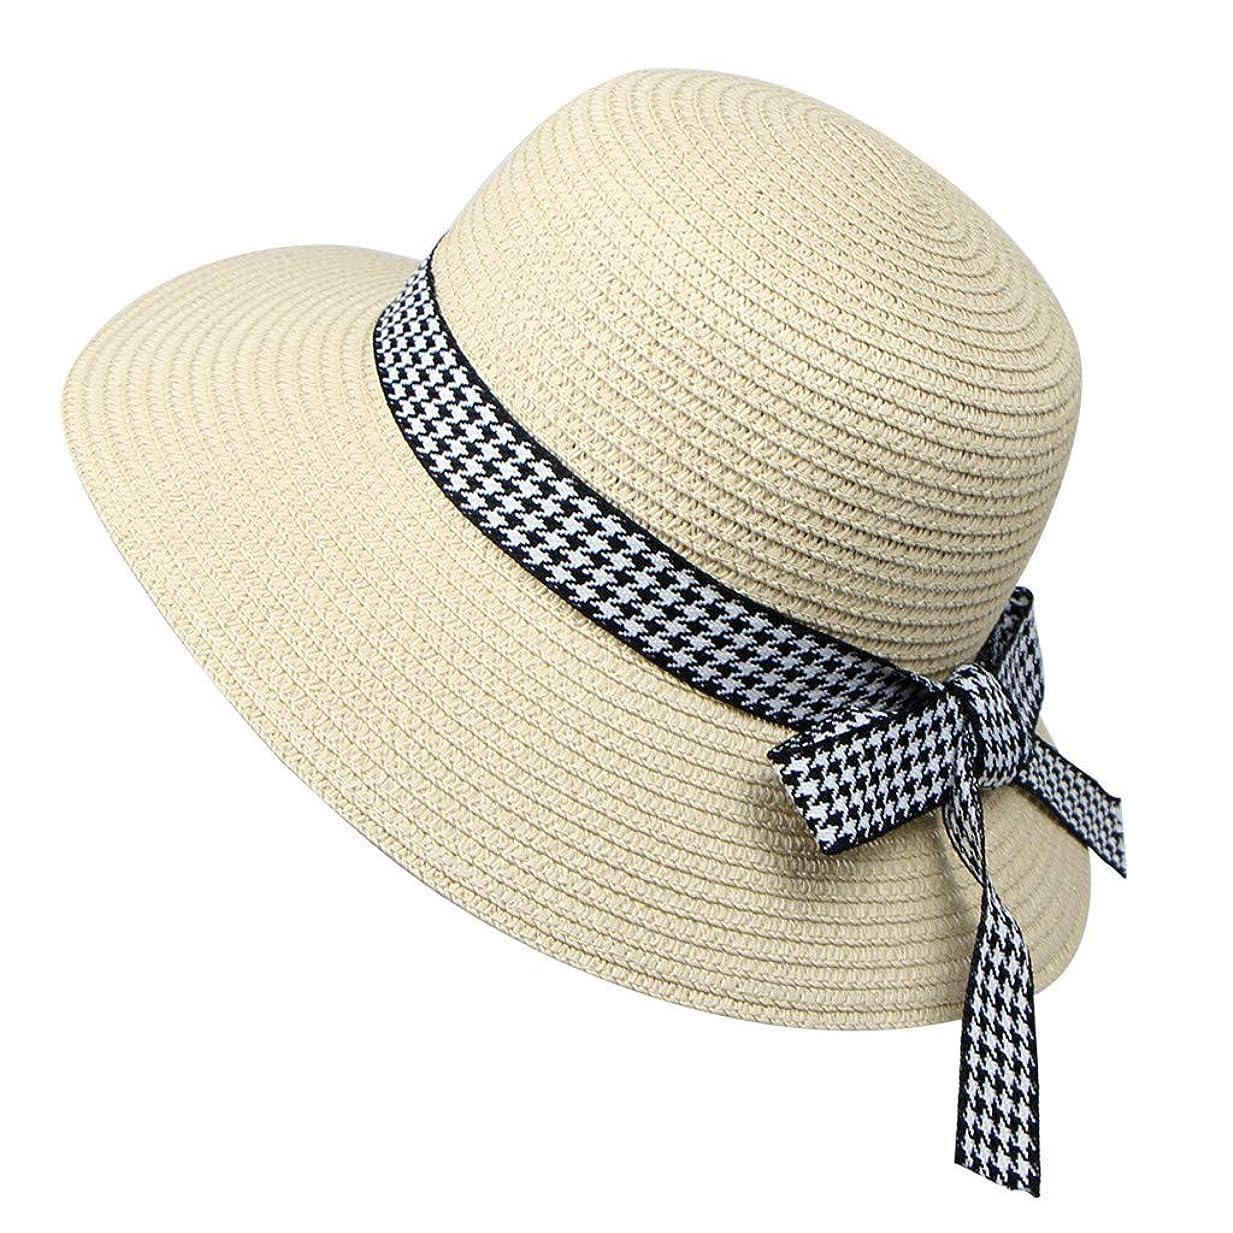 童謡定期的に南麦わら帽子 レディース 夏 ハット UVカット 帽子 日焼け防止 ストリーマ 千鳥格子 蝶結び 帽子 レディース 紫外線100%カット UV ハット 可愛い 小顔効果抜群 日よけ 折りたたみ つば広 ROSE ROMAN